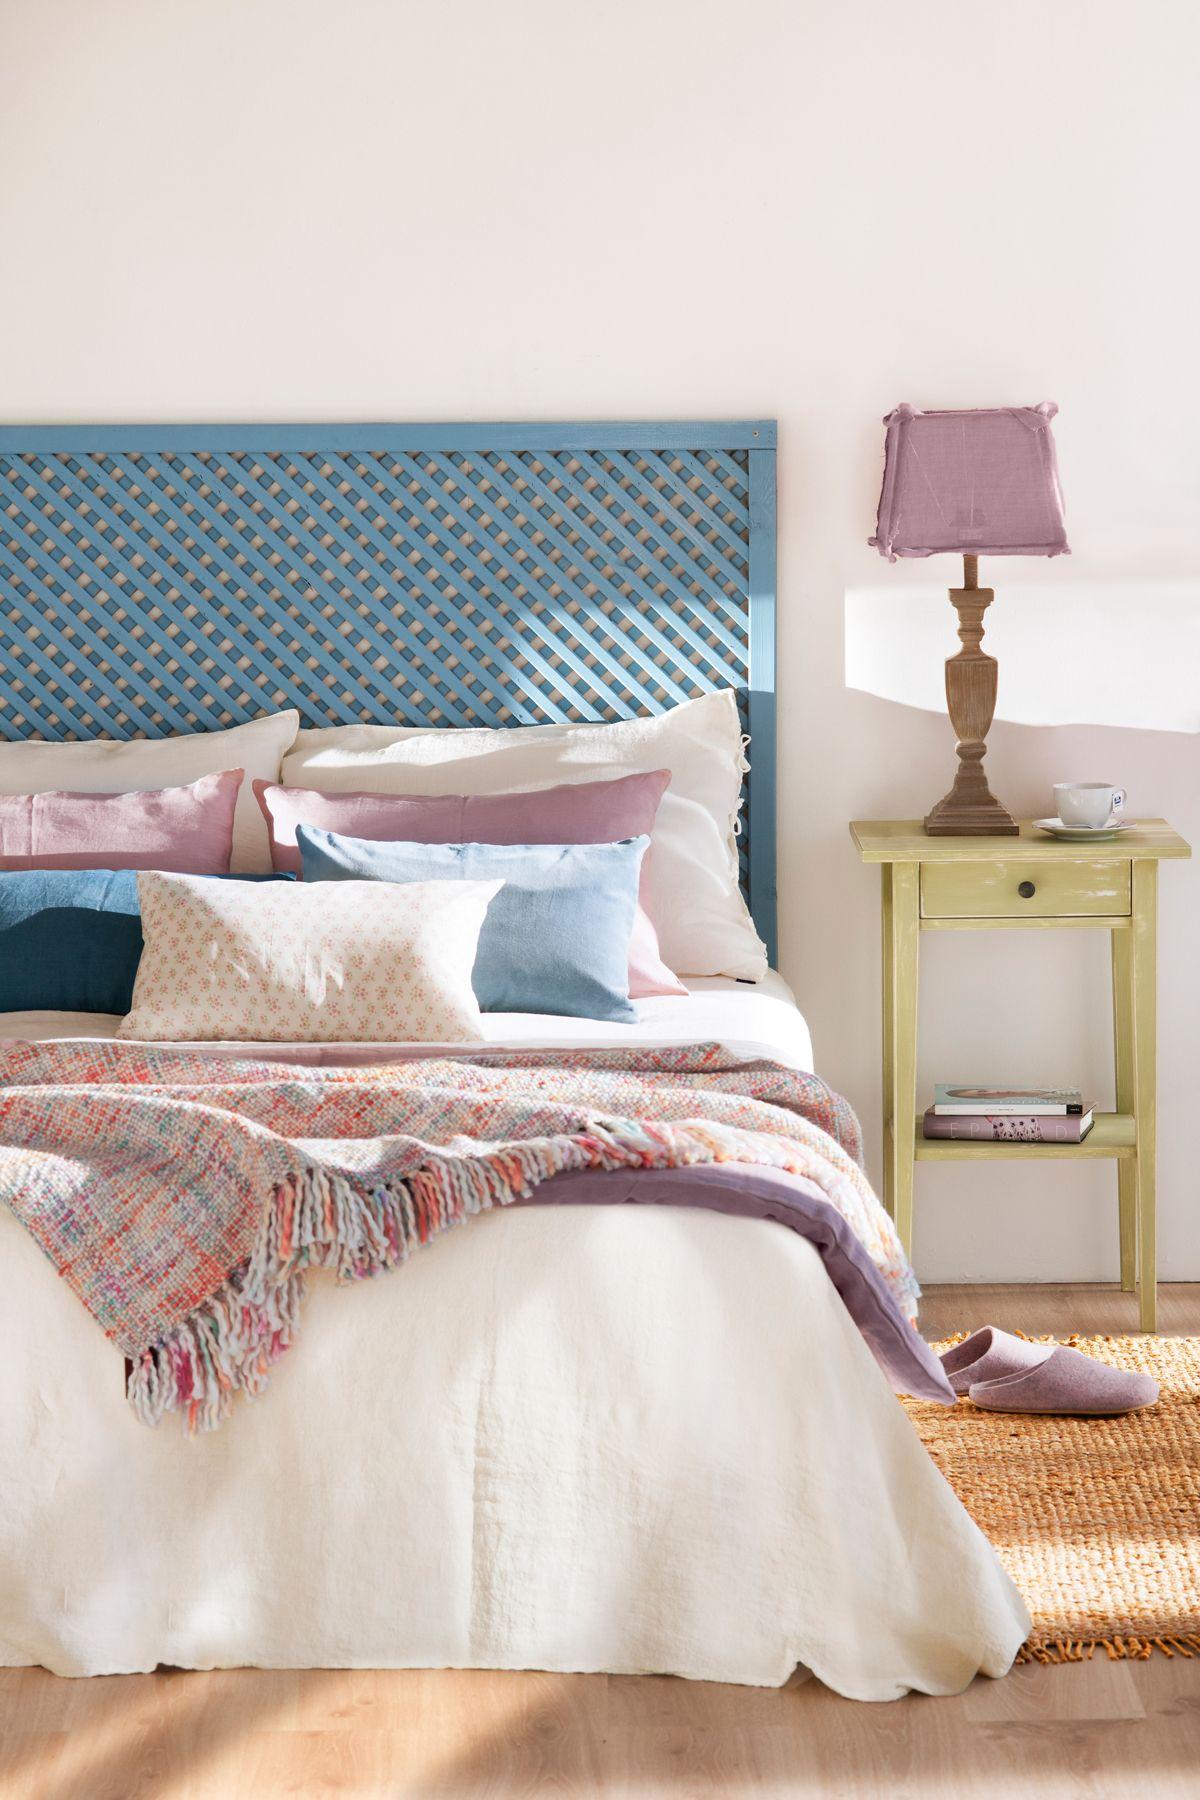 cama  cabecero de madera pintado en azul  mesita